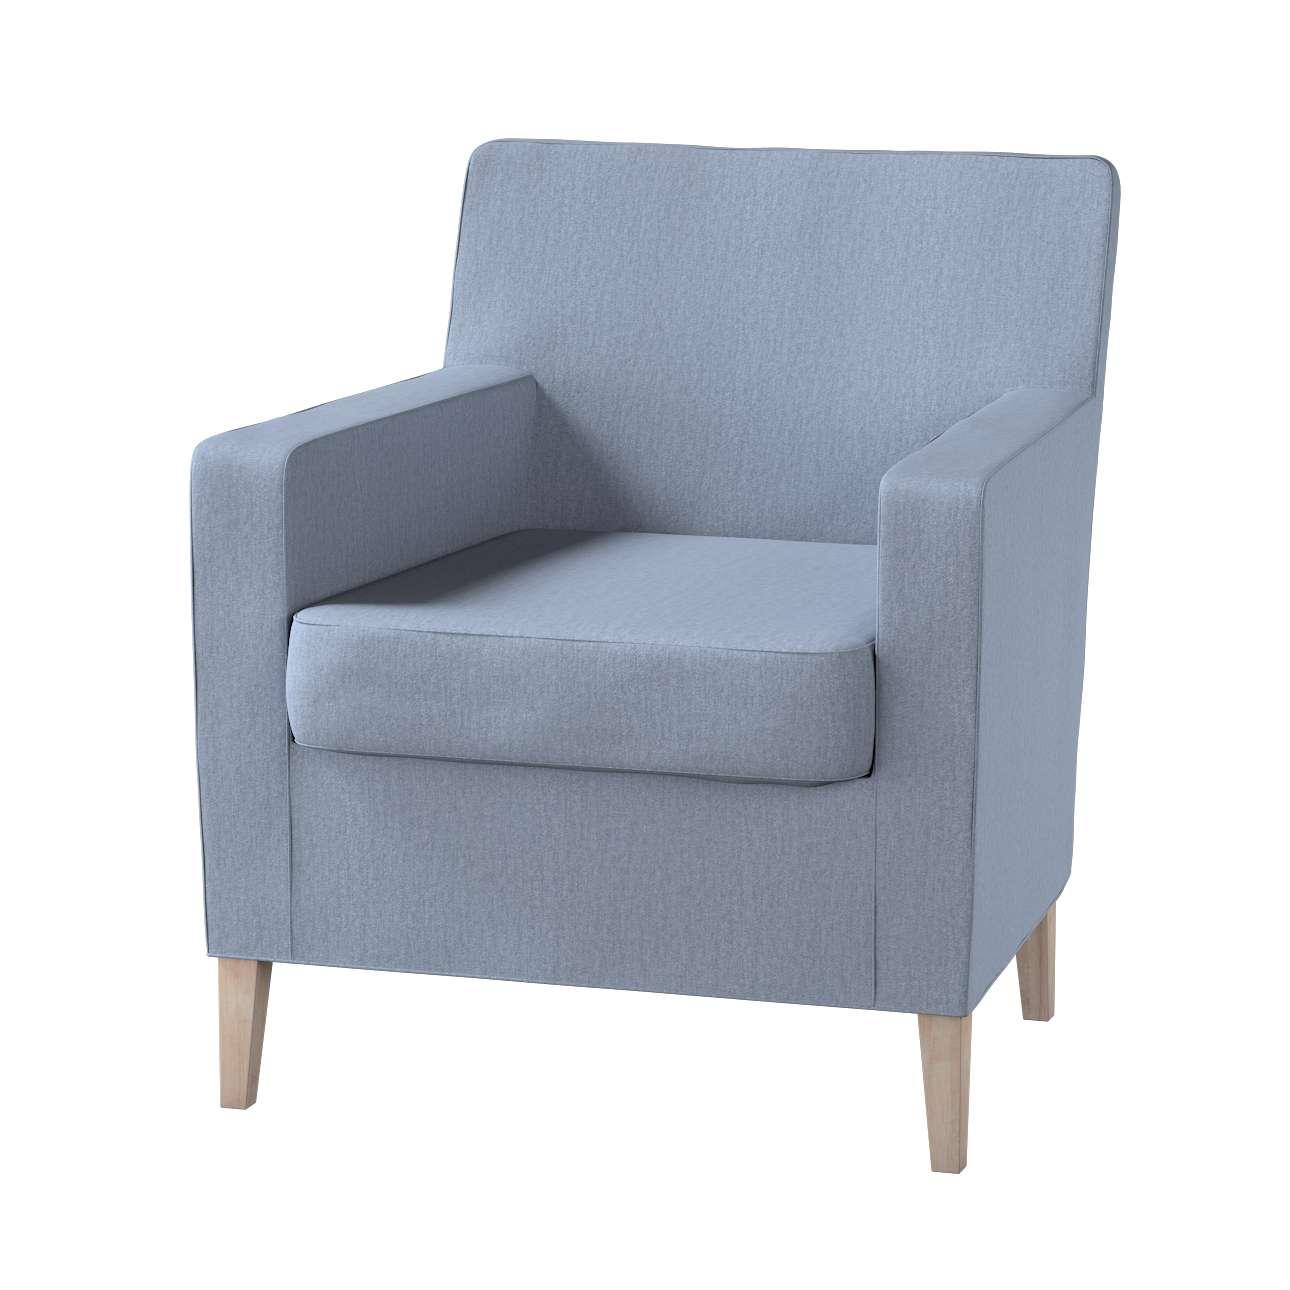 Karlstad fotelio-kėdės užvalkalas Karlstad fotelio - kėdės užvalkalas kolekcijoje Chenille, audinys: 702-13